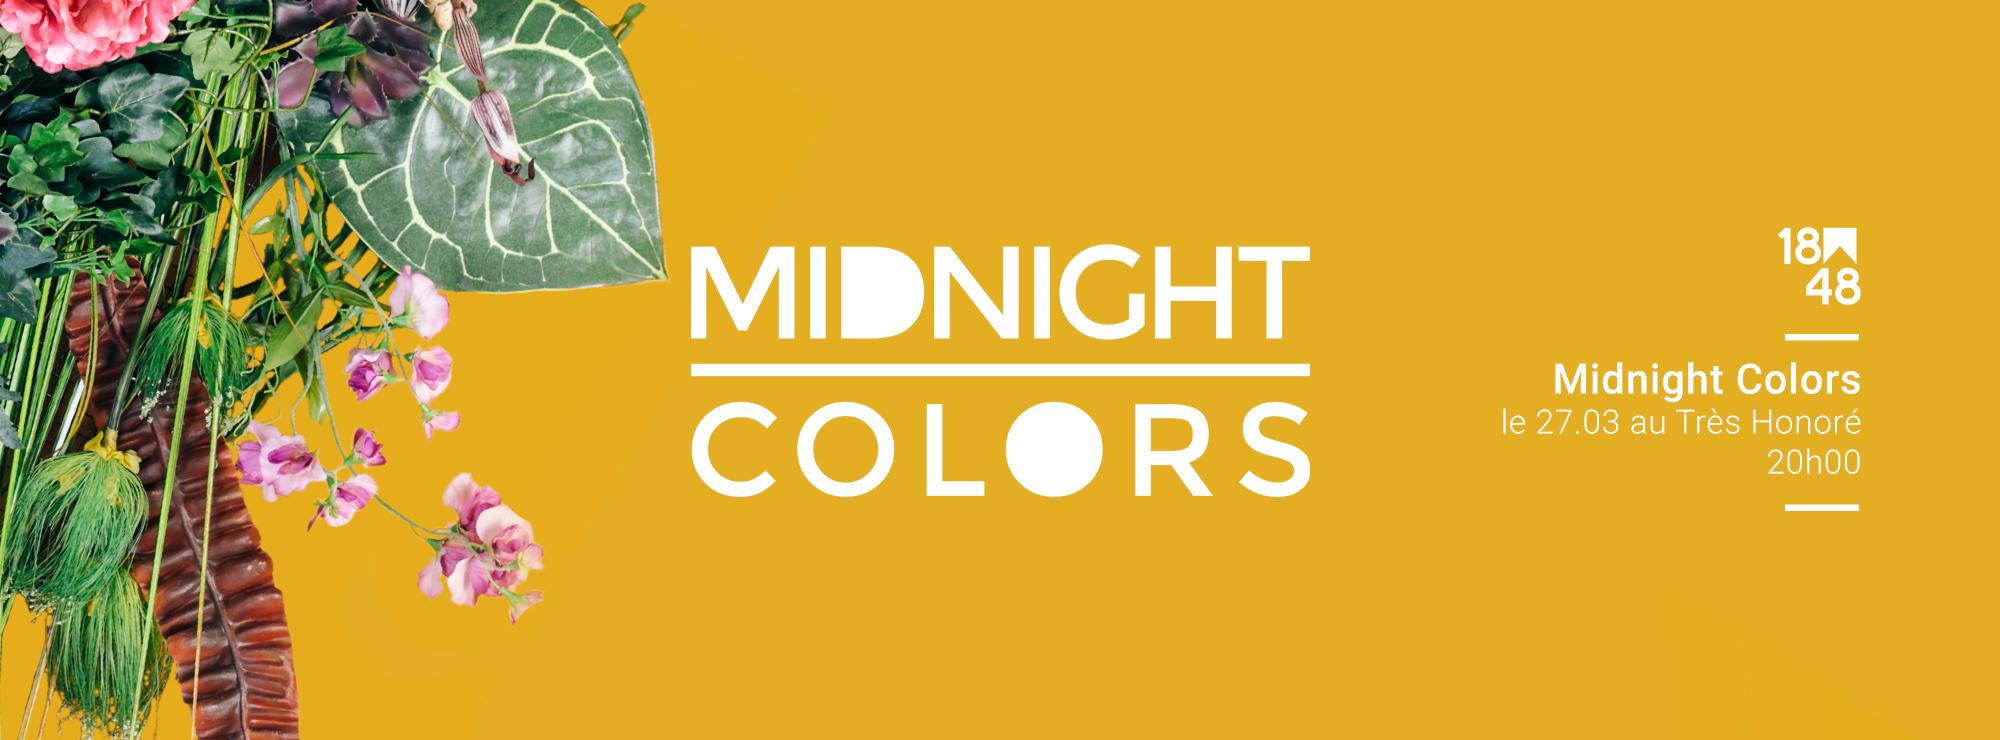 midnight colors au tr s honor que faire paris. Black Bedroom Furniture Sets. Home Design Ideas